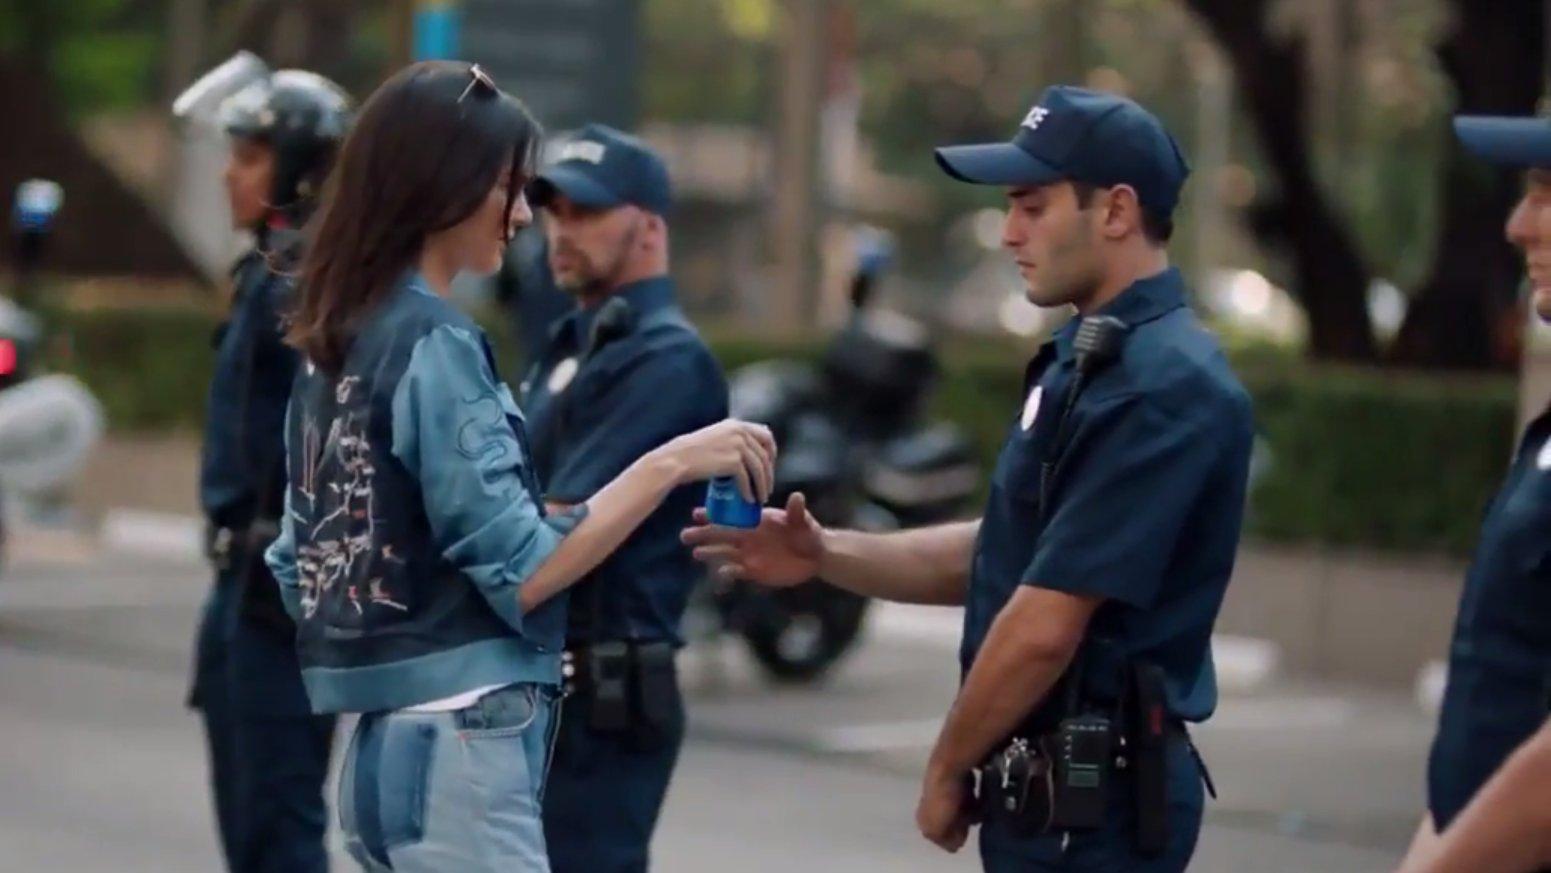 Shitstorm um neue Pepsi-Werbung: Geht das zu weit?